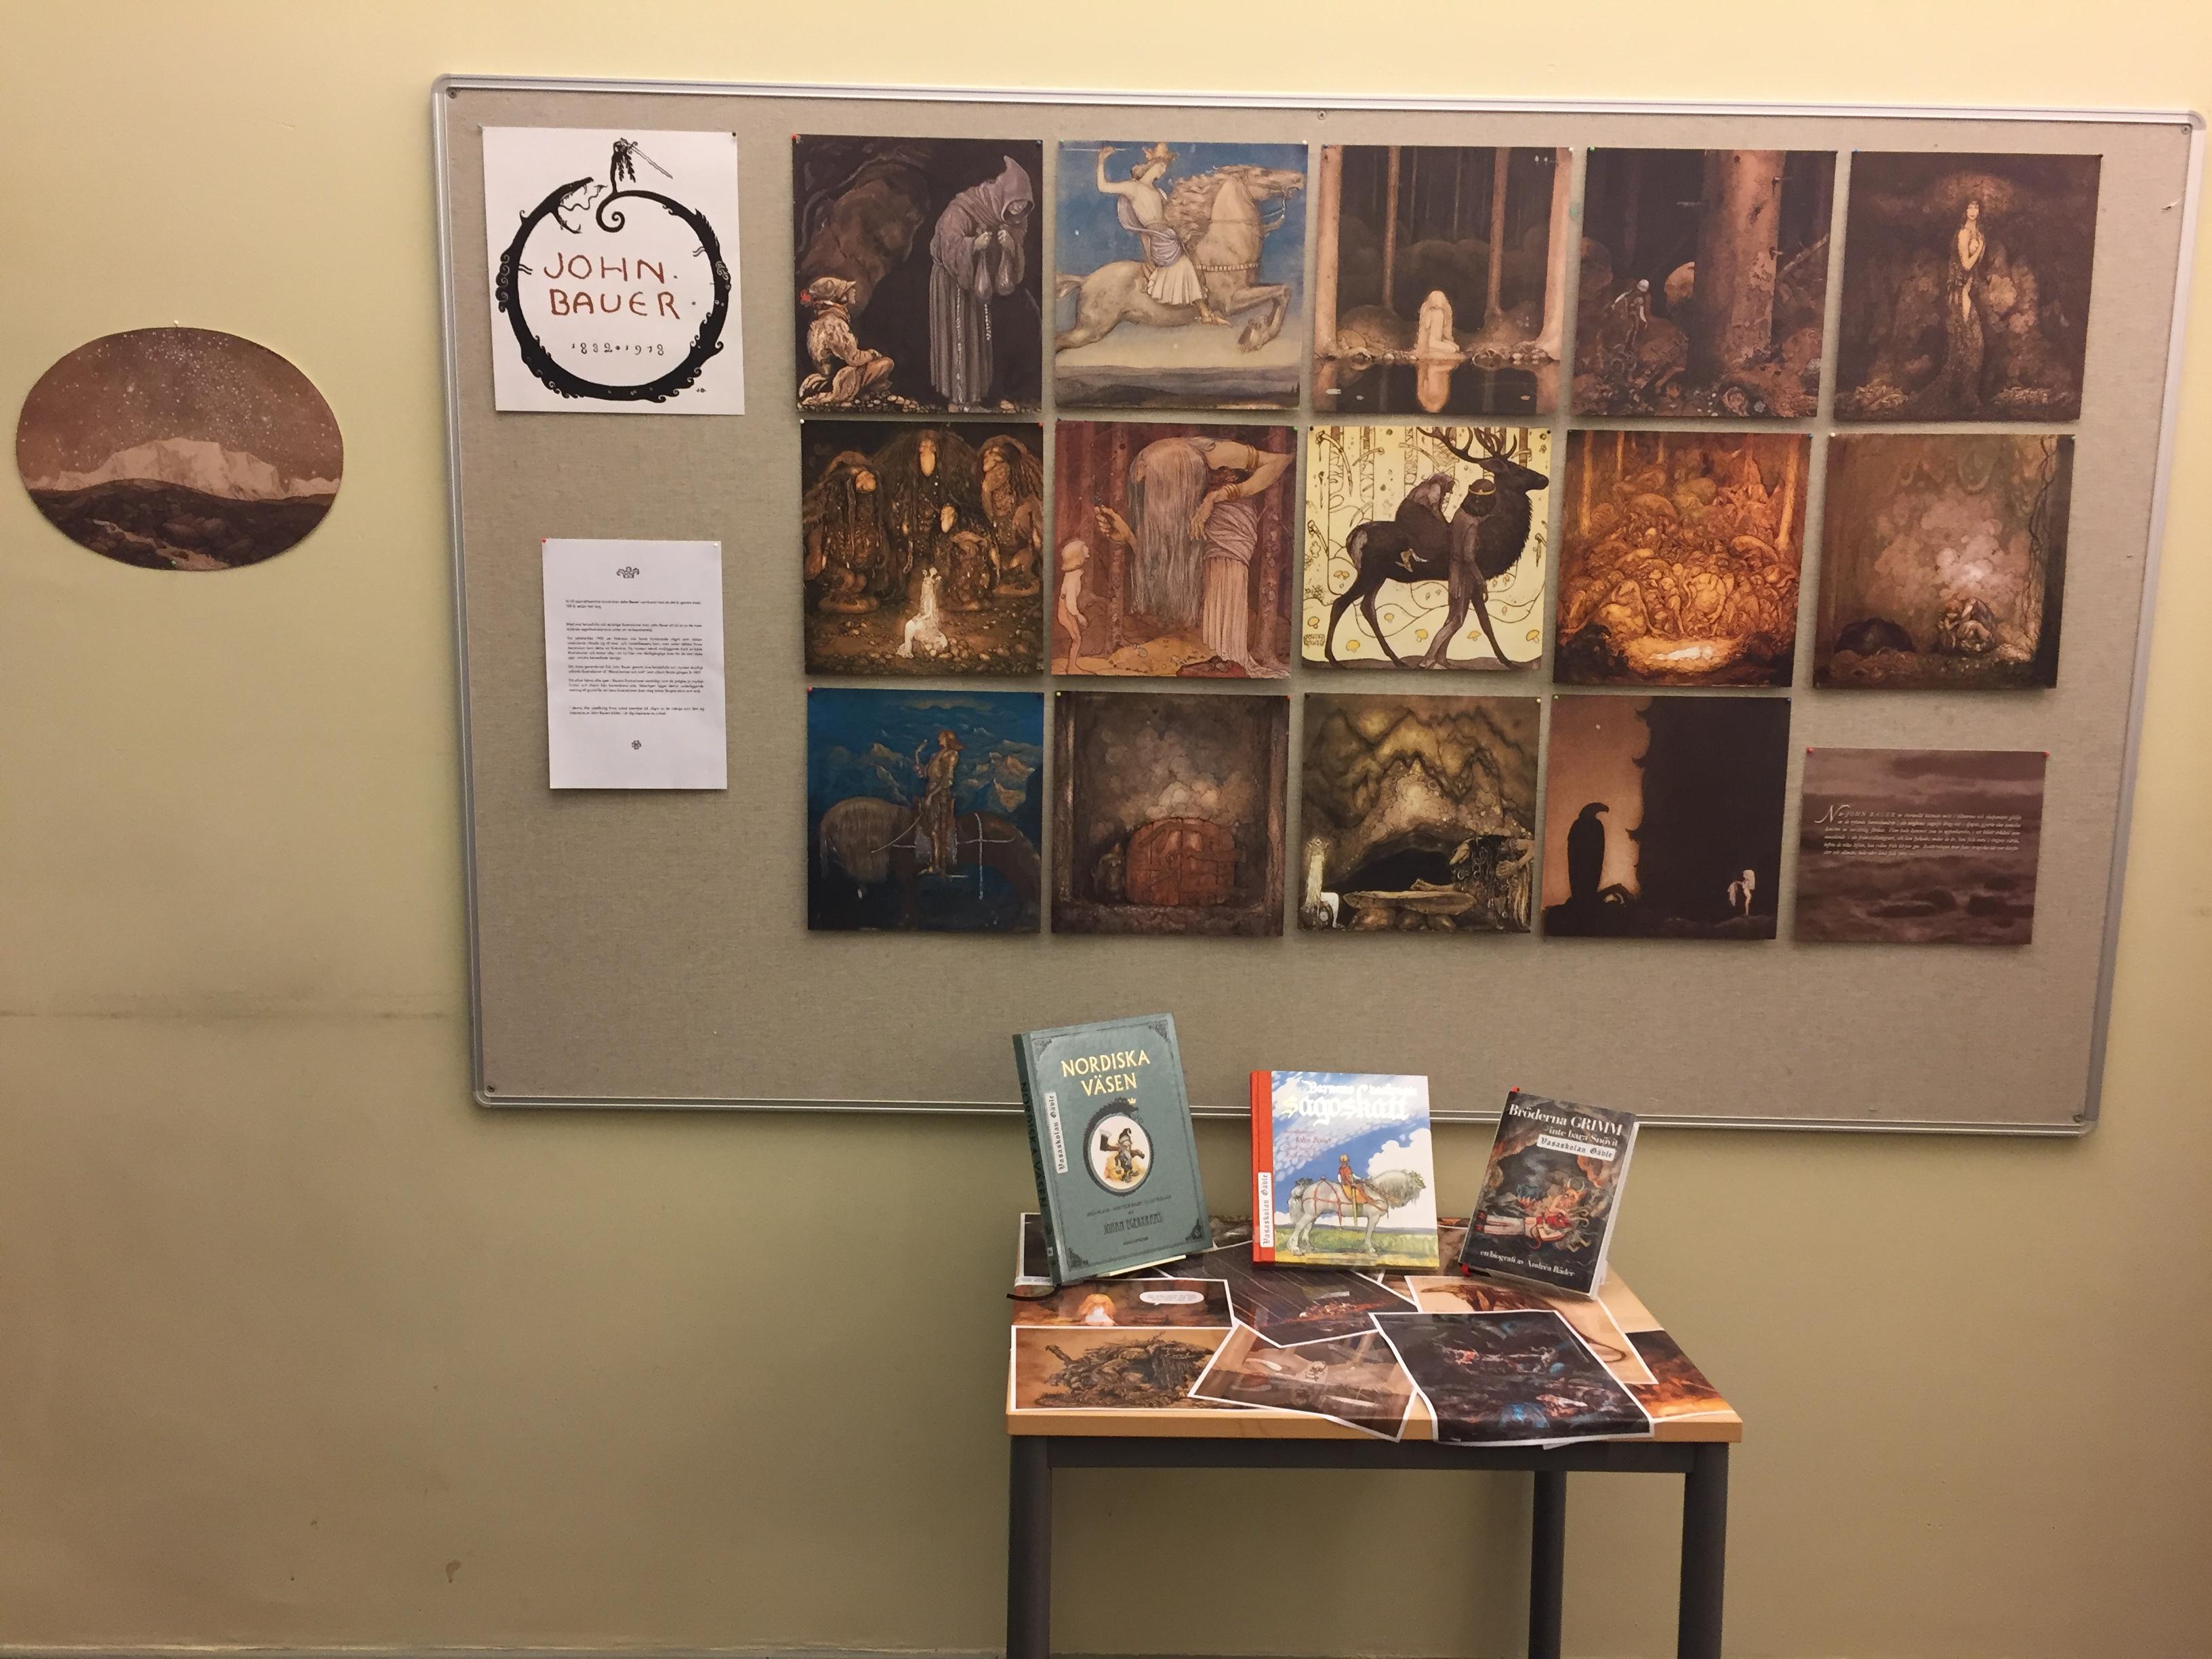 Delar av John Bauer utställningen i Vasaskolans bibliotek